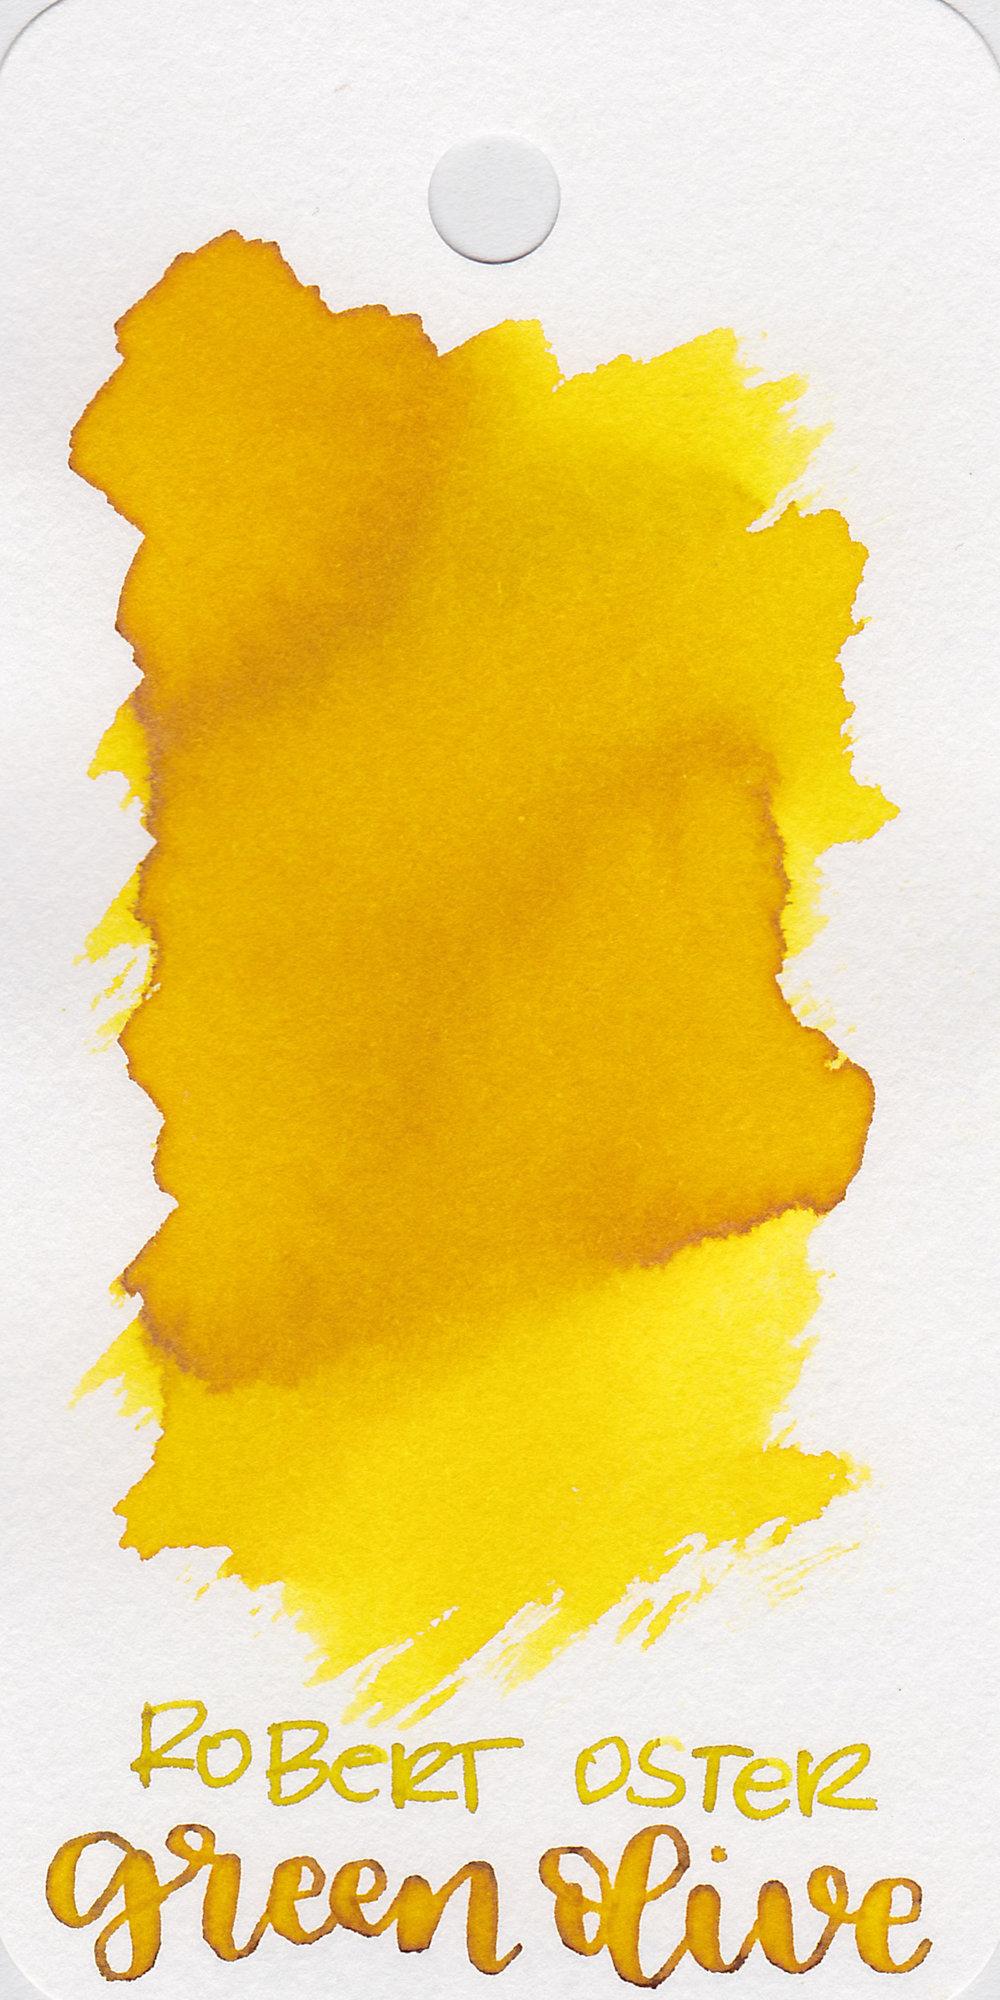 ro-green-olive-1.jpg